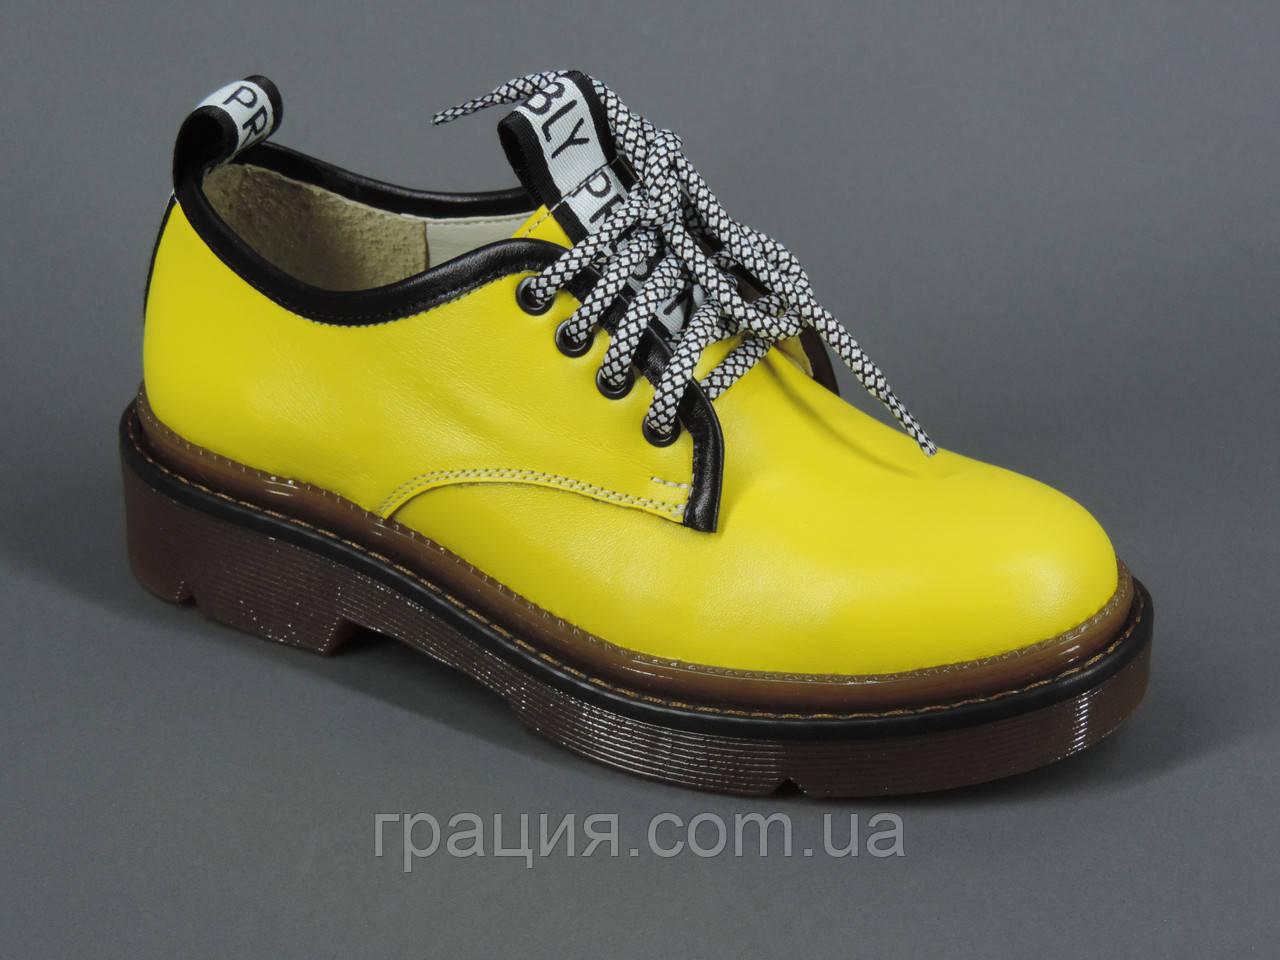 Кожаные женские стильные модные туфли со шнуровкой